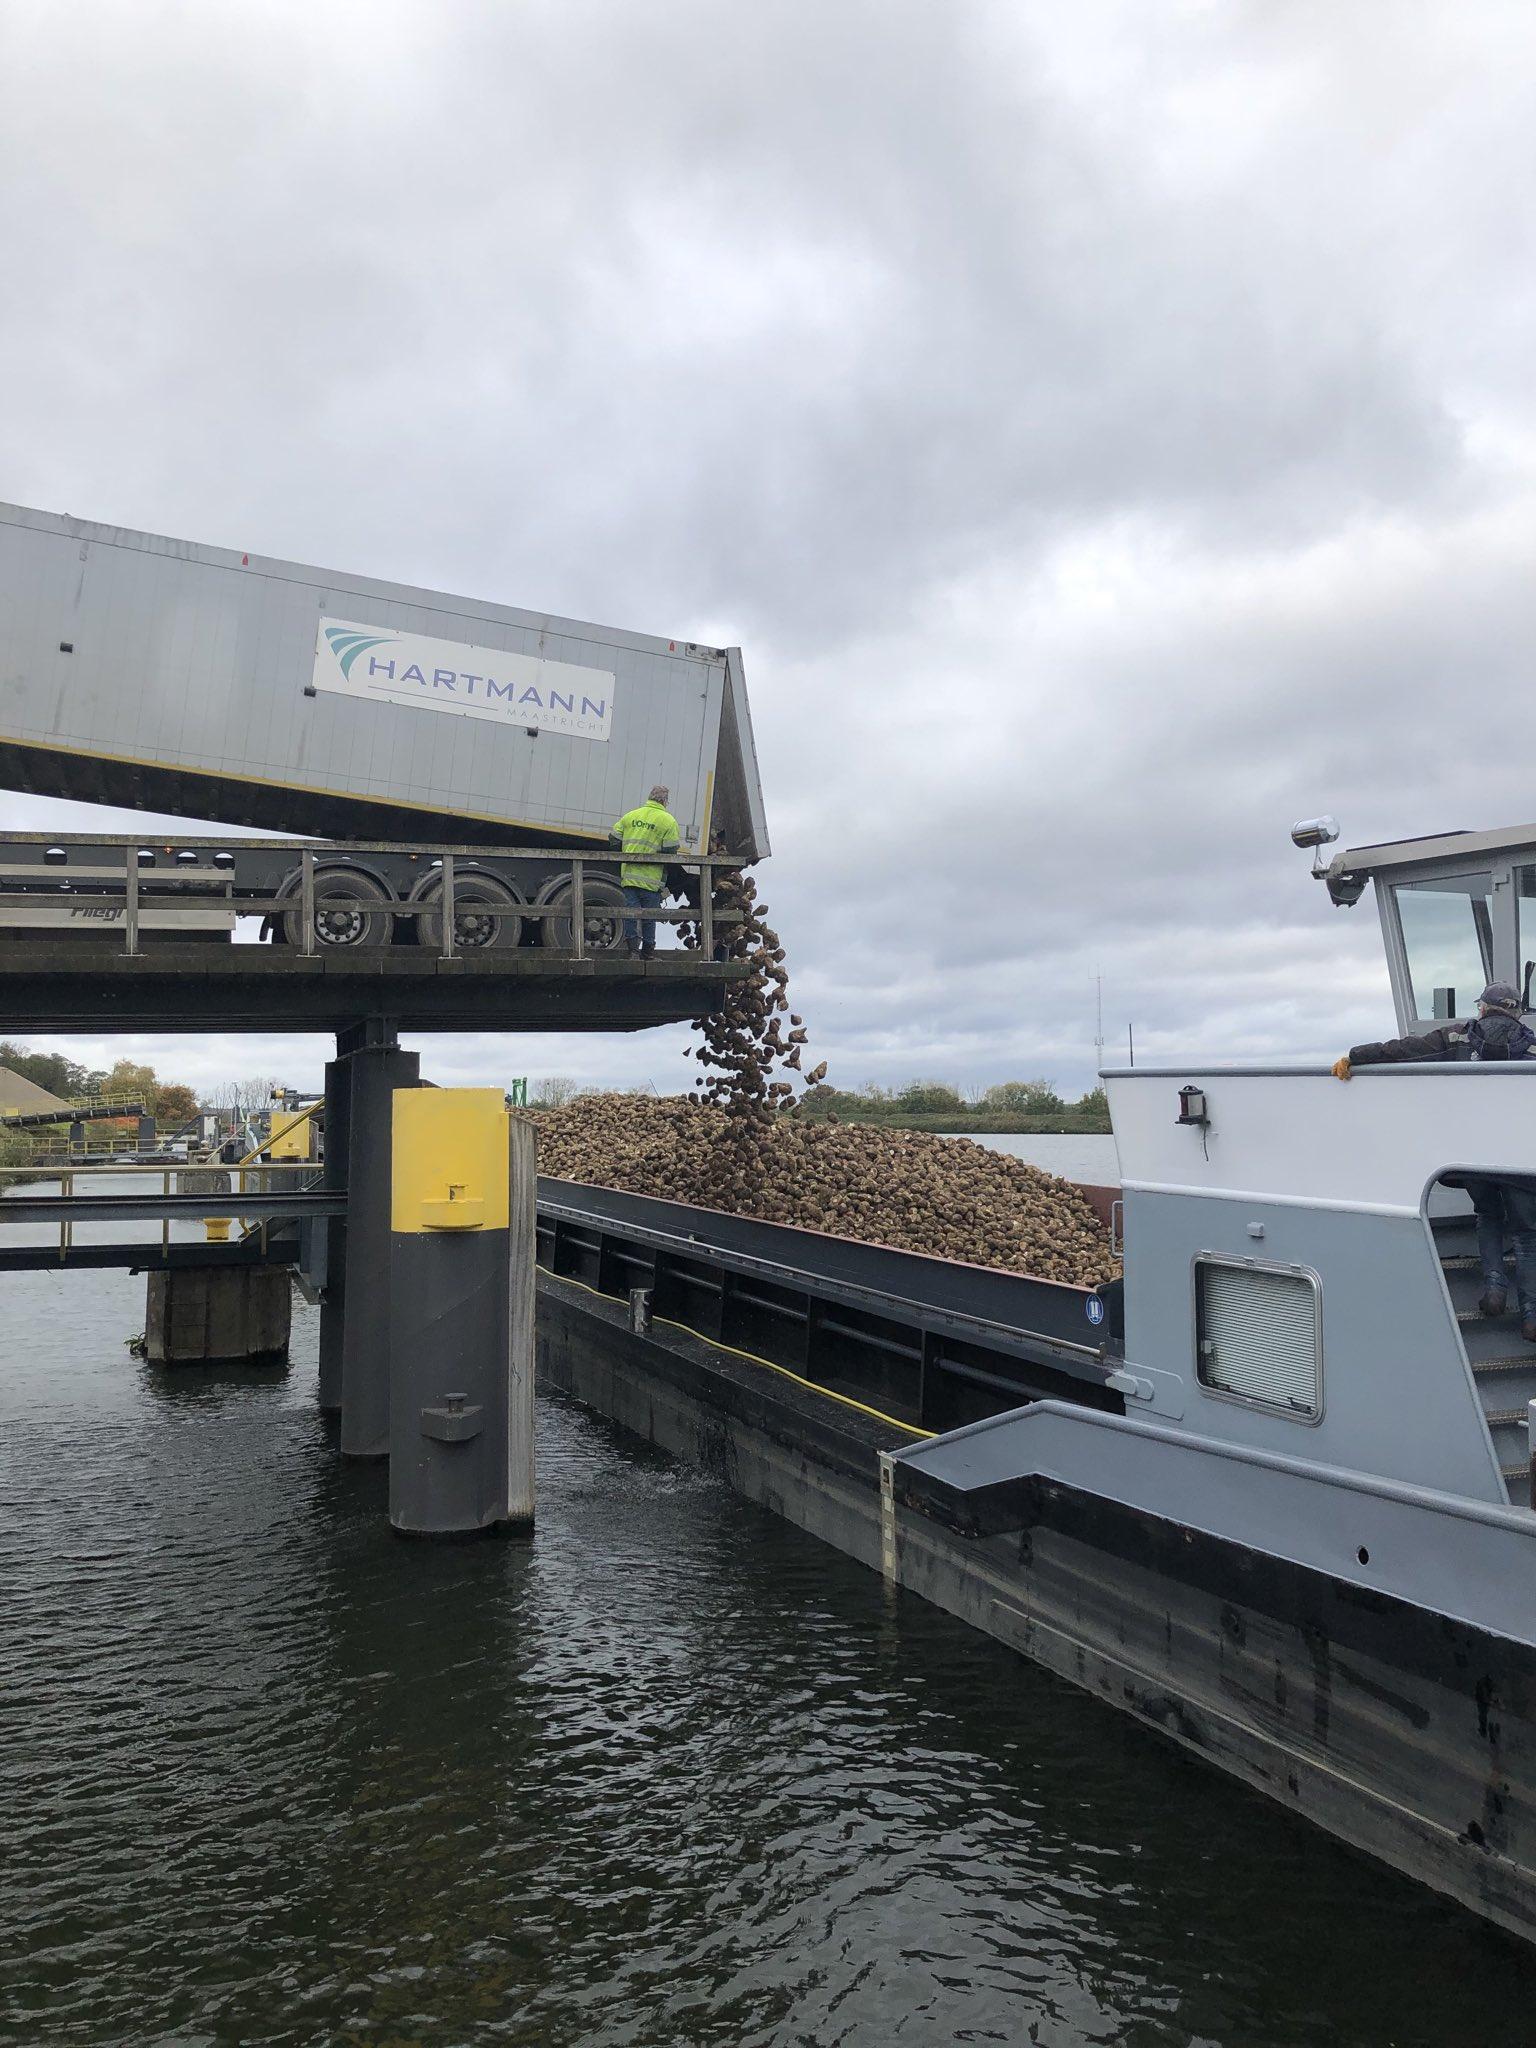 De Cosun Beet Company wil richting de miljoen ton suikerbieten over water per jaar gaan. (Foto Twitter / Arno Huijsmans)